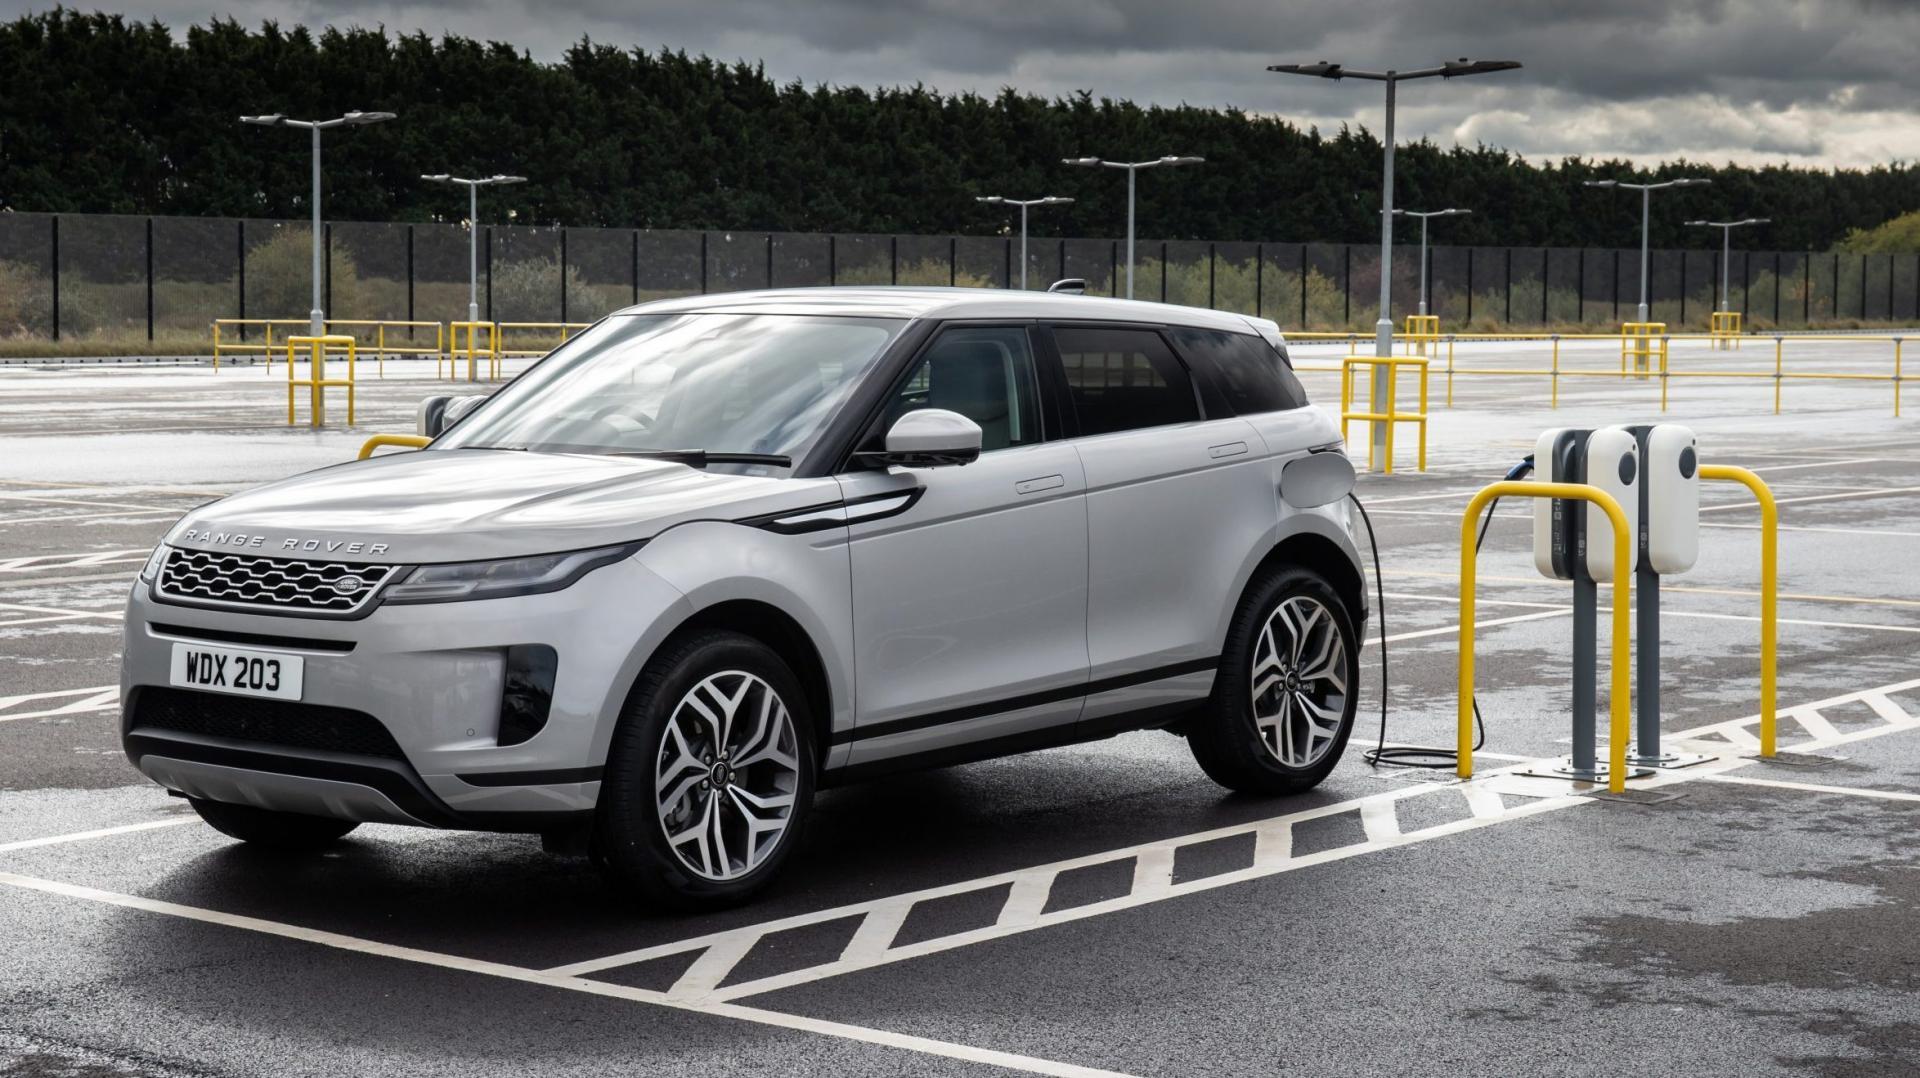 Is er genoeg stroom voor elektrische auto's?